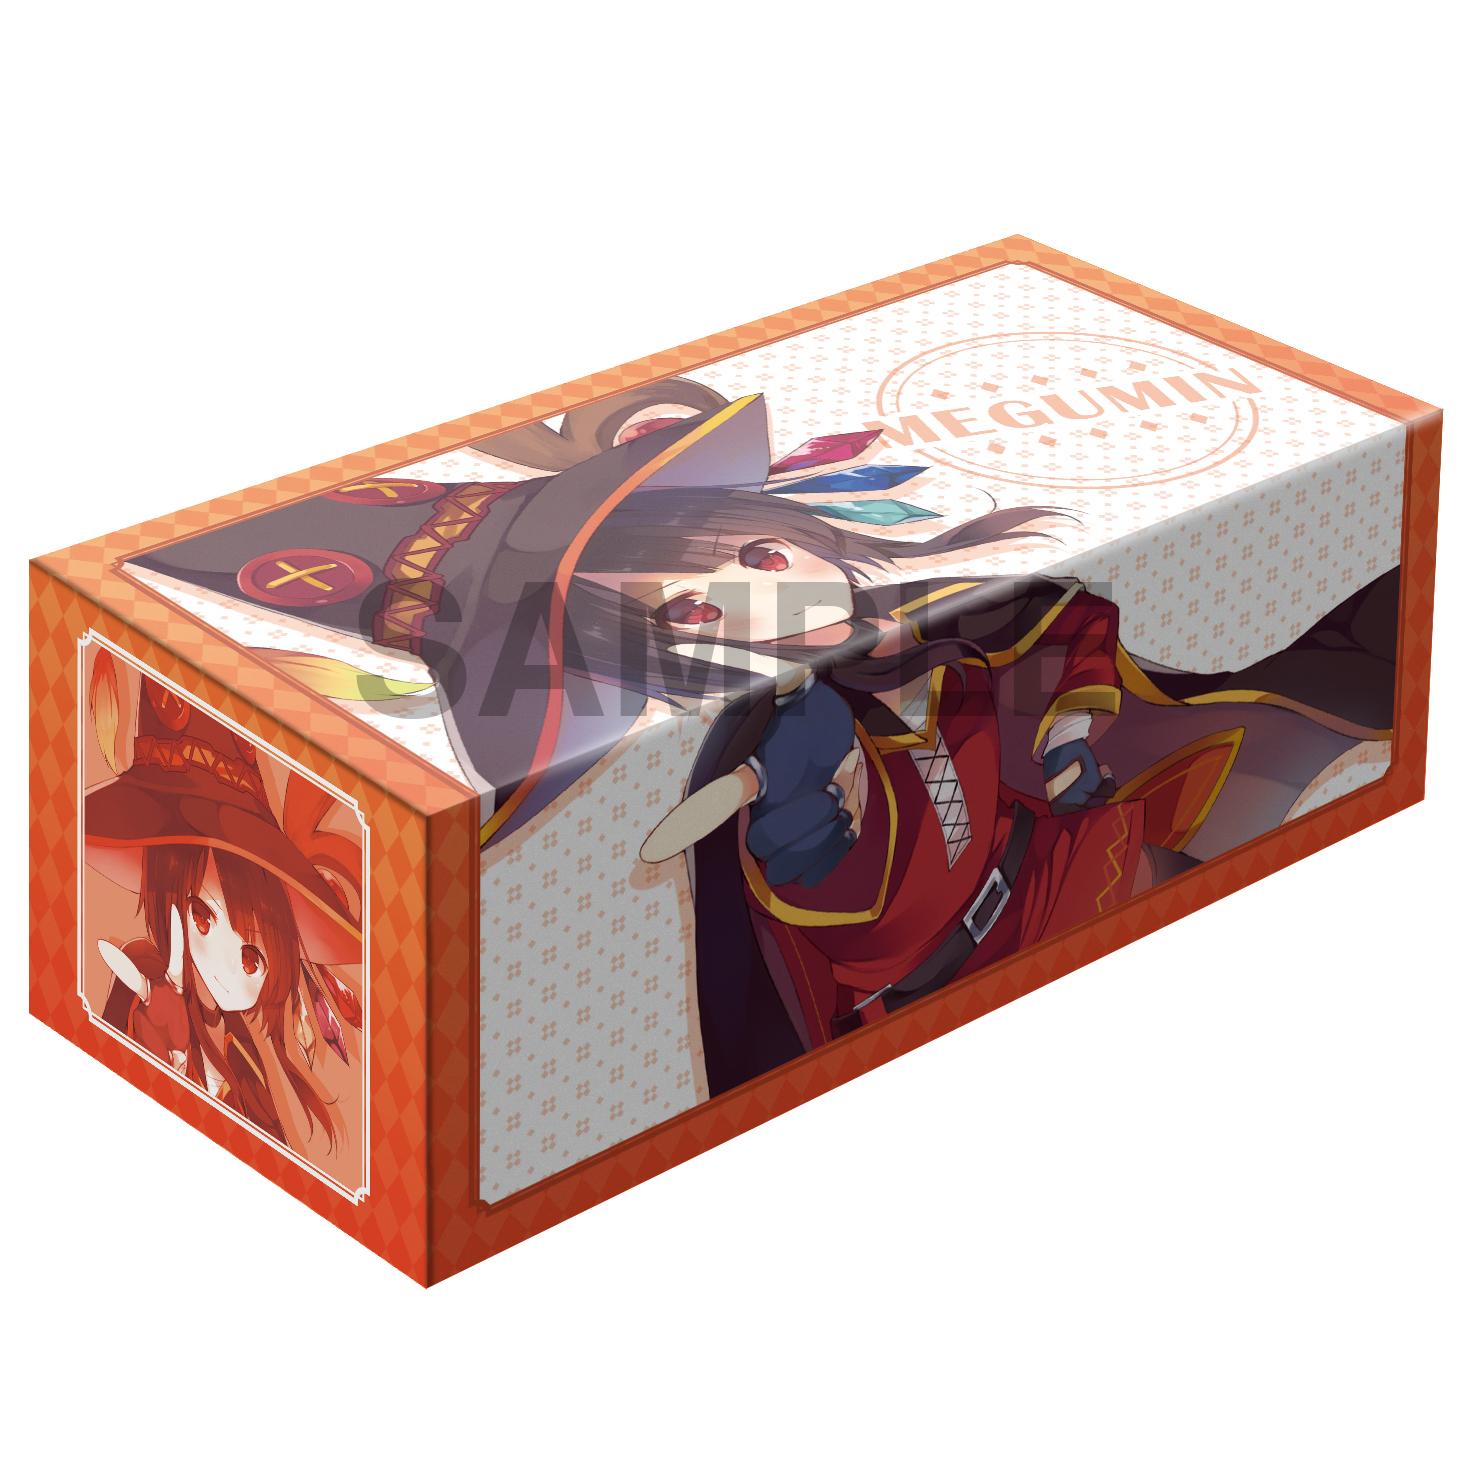 カードボックスコレクション「この素晴らしい世界に祝福を!2」 めぐみん 734円